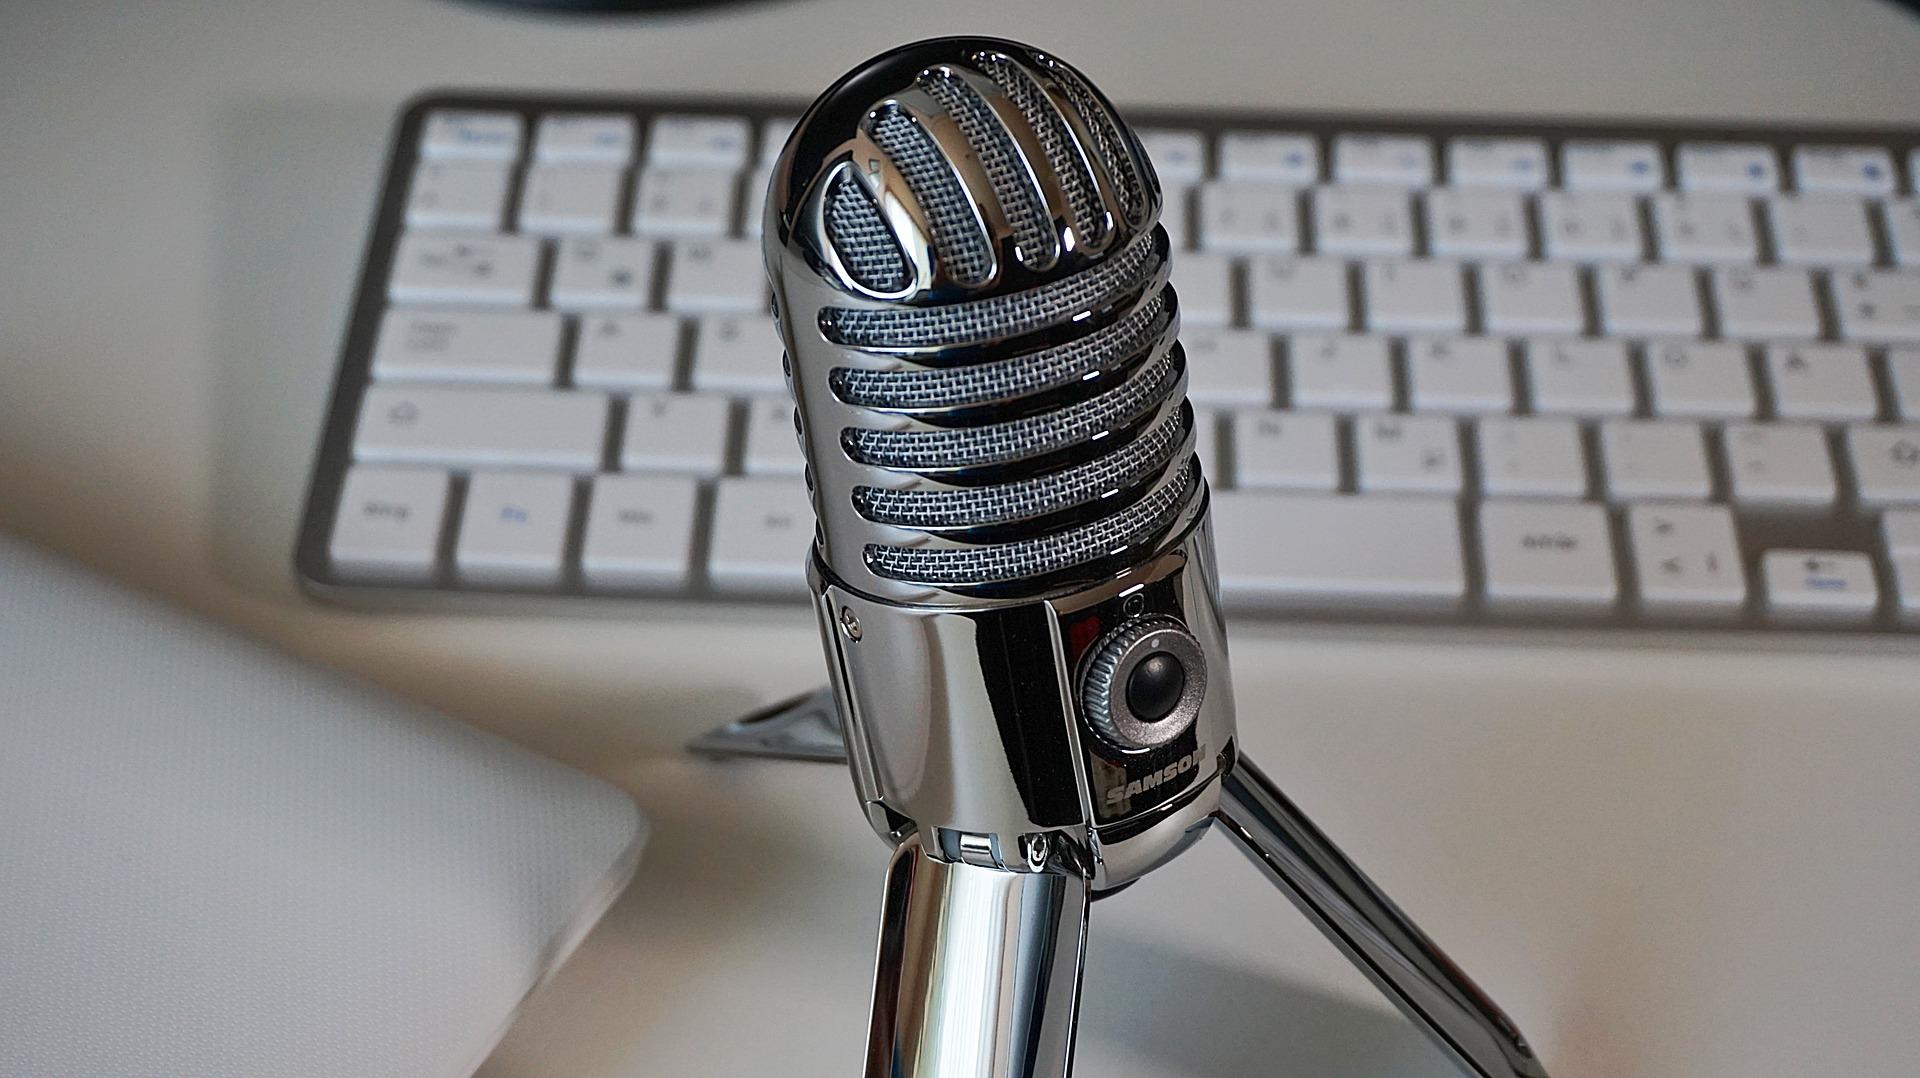 5 herramientas Imprescindibles que utilizo a diario en mi negocio